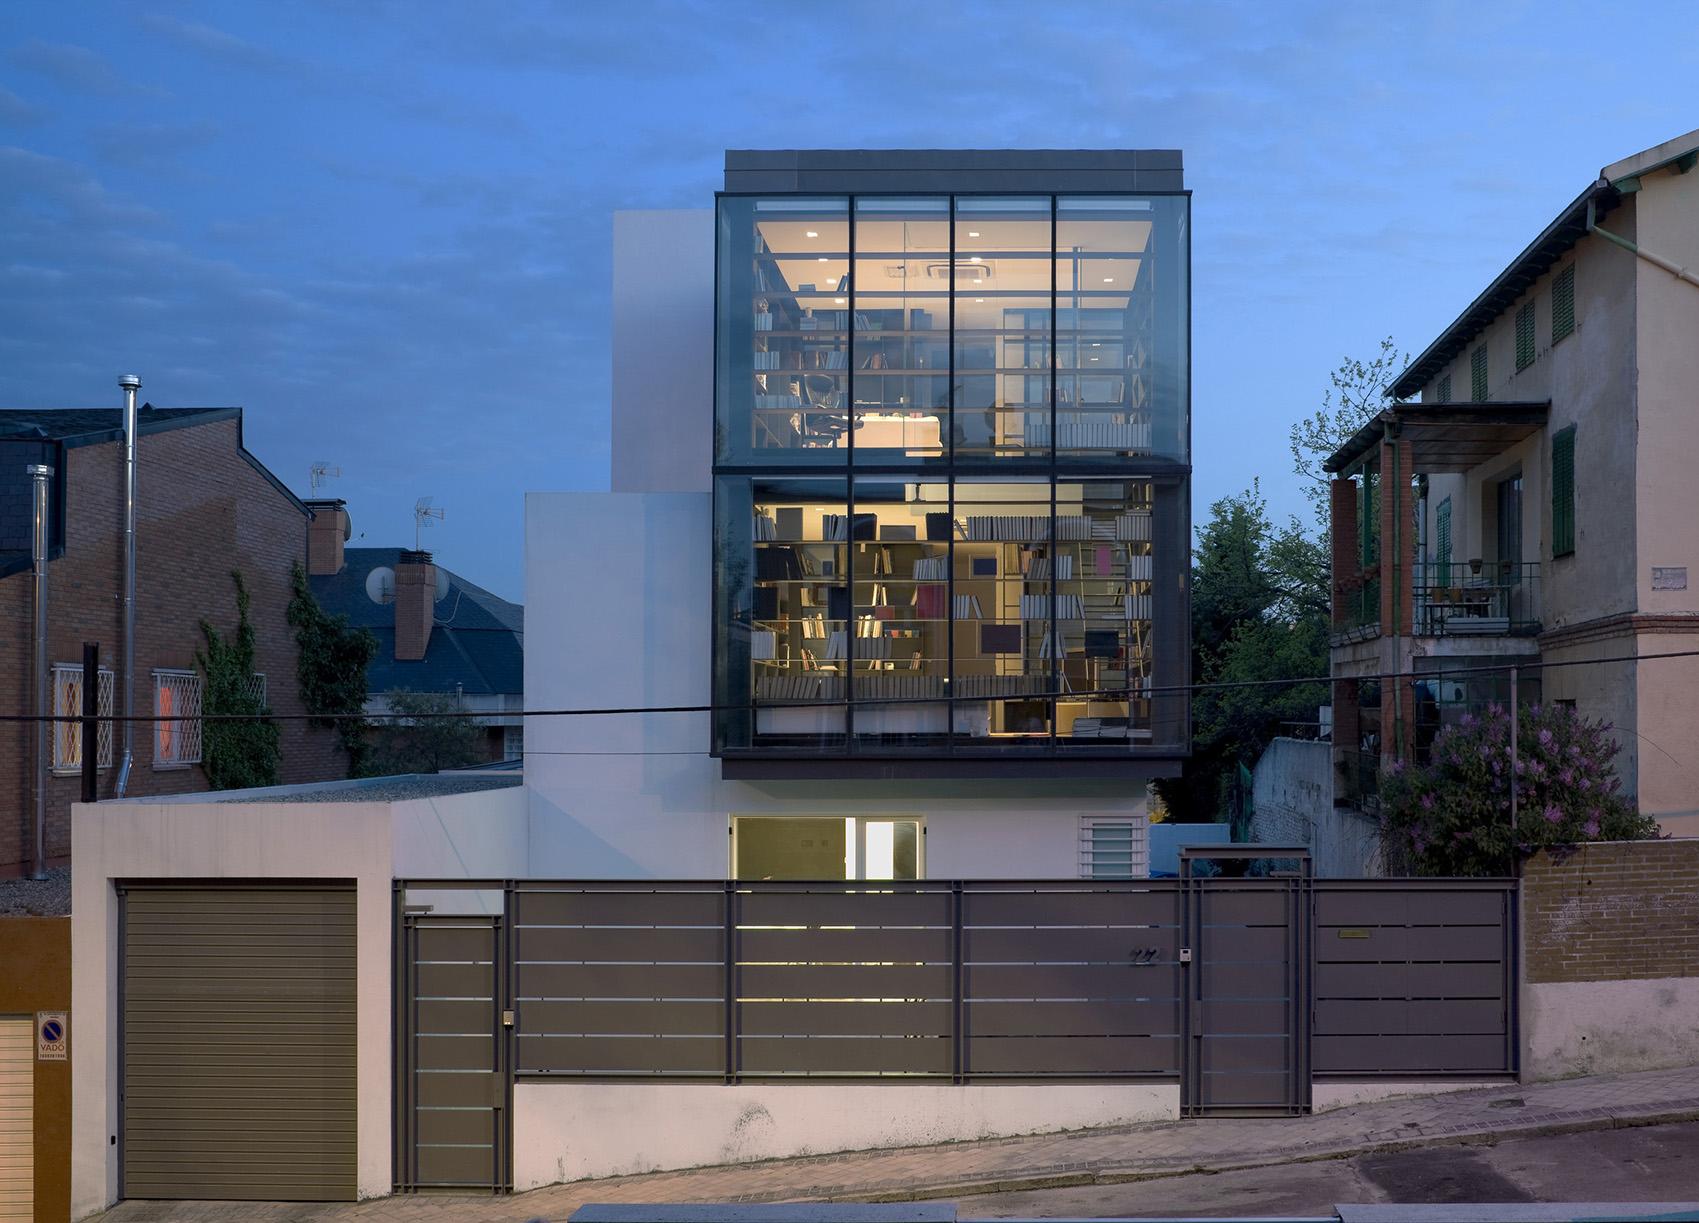 Casa en calle olimpo madrid allende arquitectos - Arquitectos interioristas madrid ...